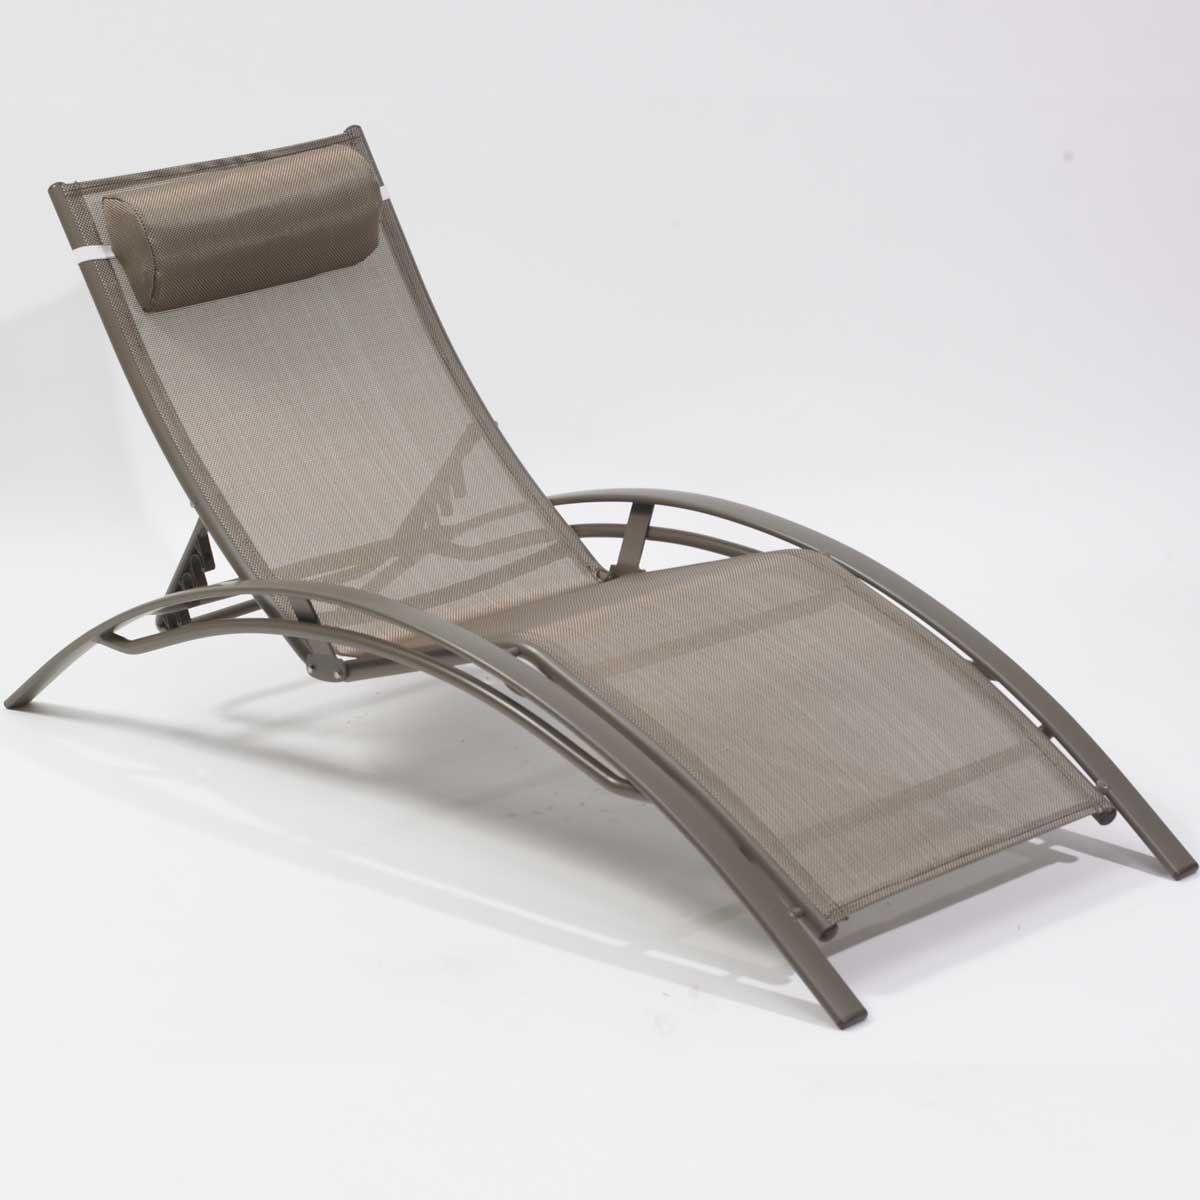 Chaise Longue Leclerc on chaise recliner chair, chaise furniture, chaise sofa sleeper,